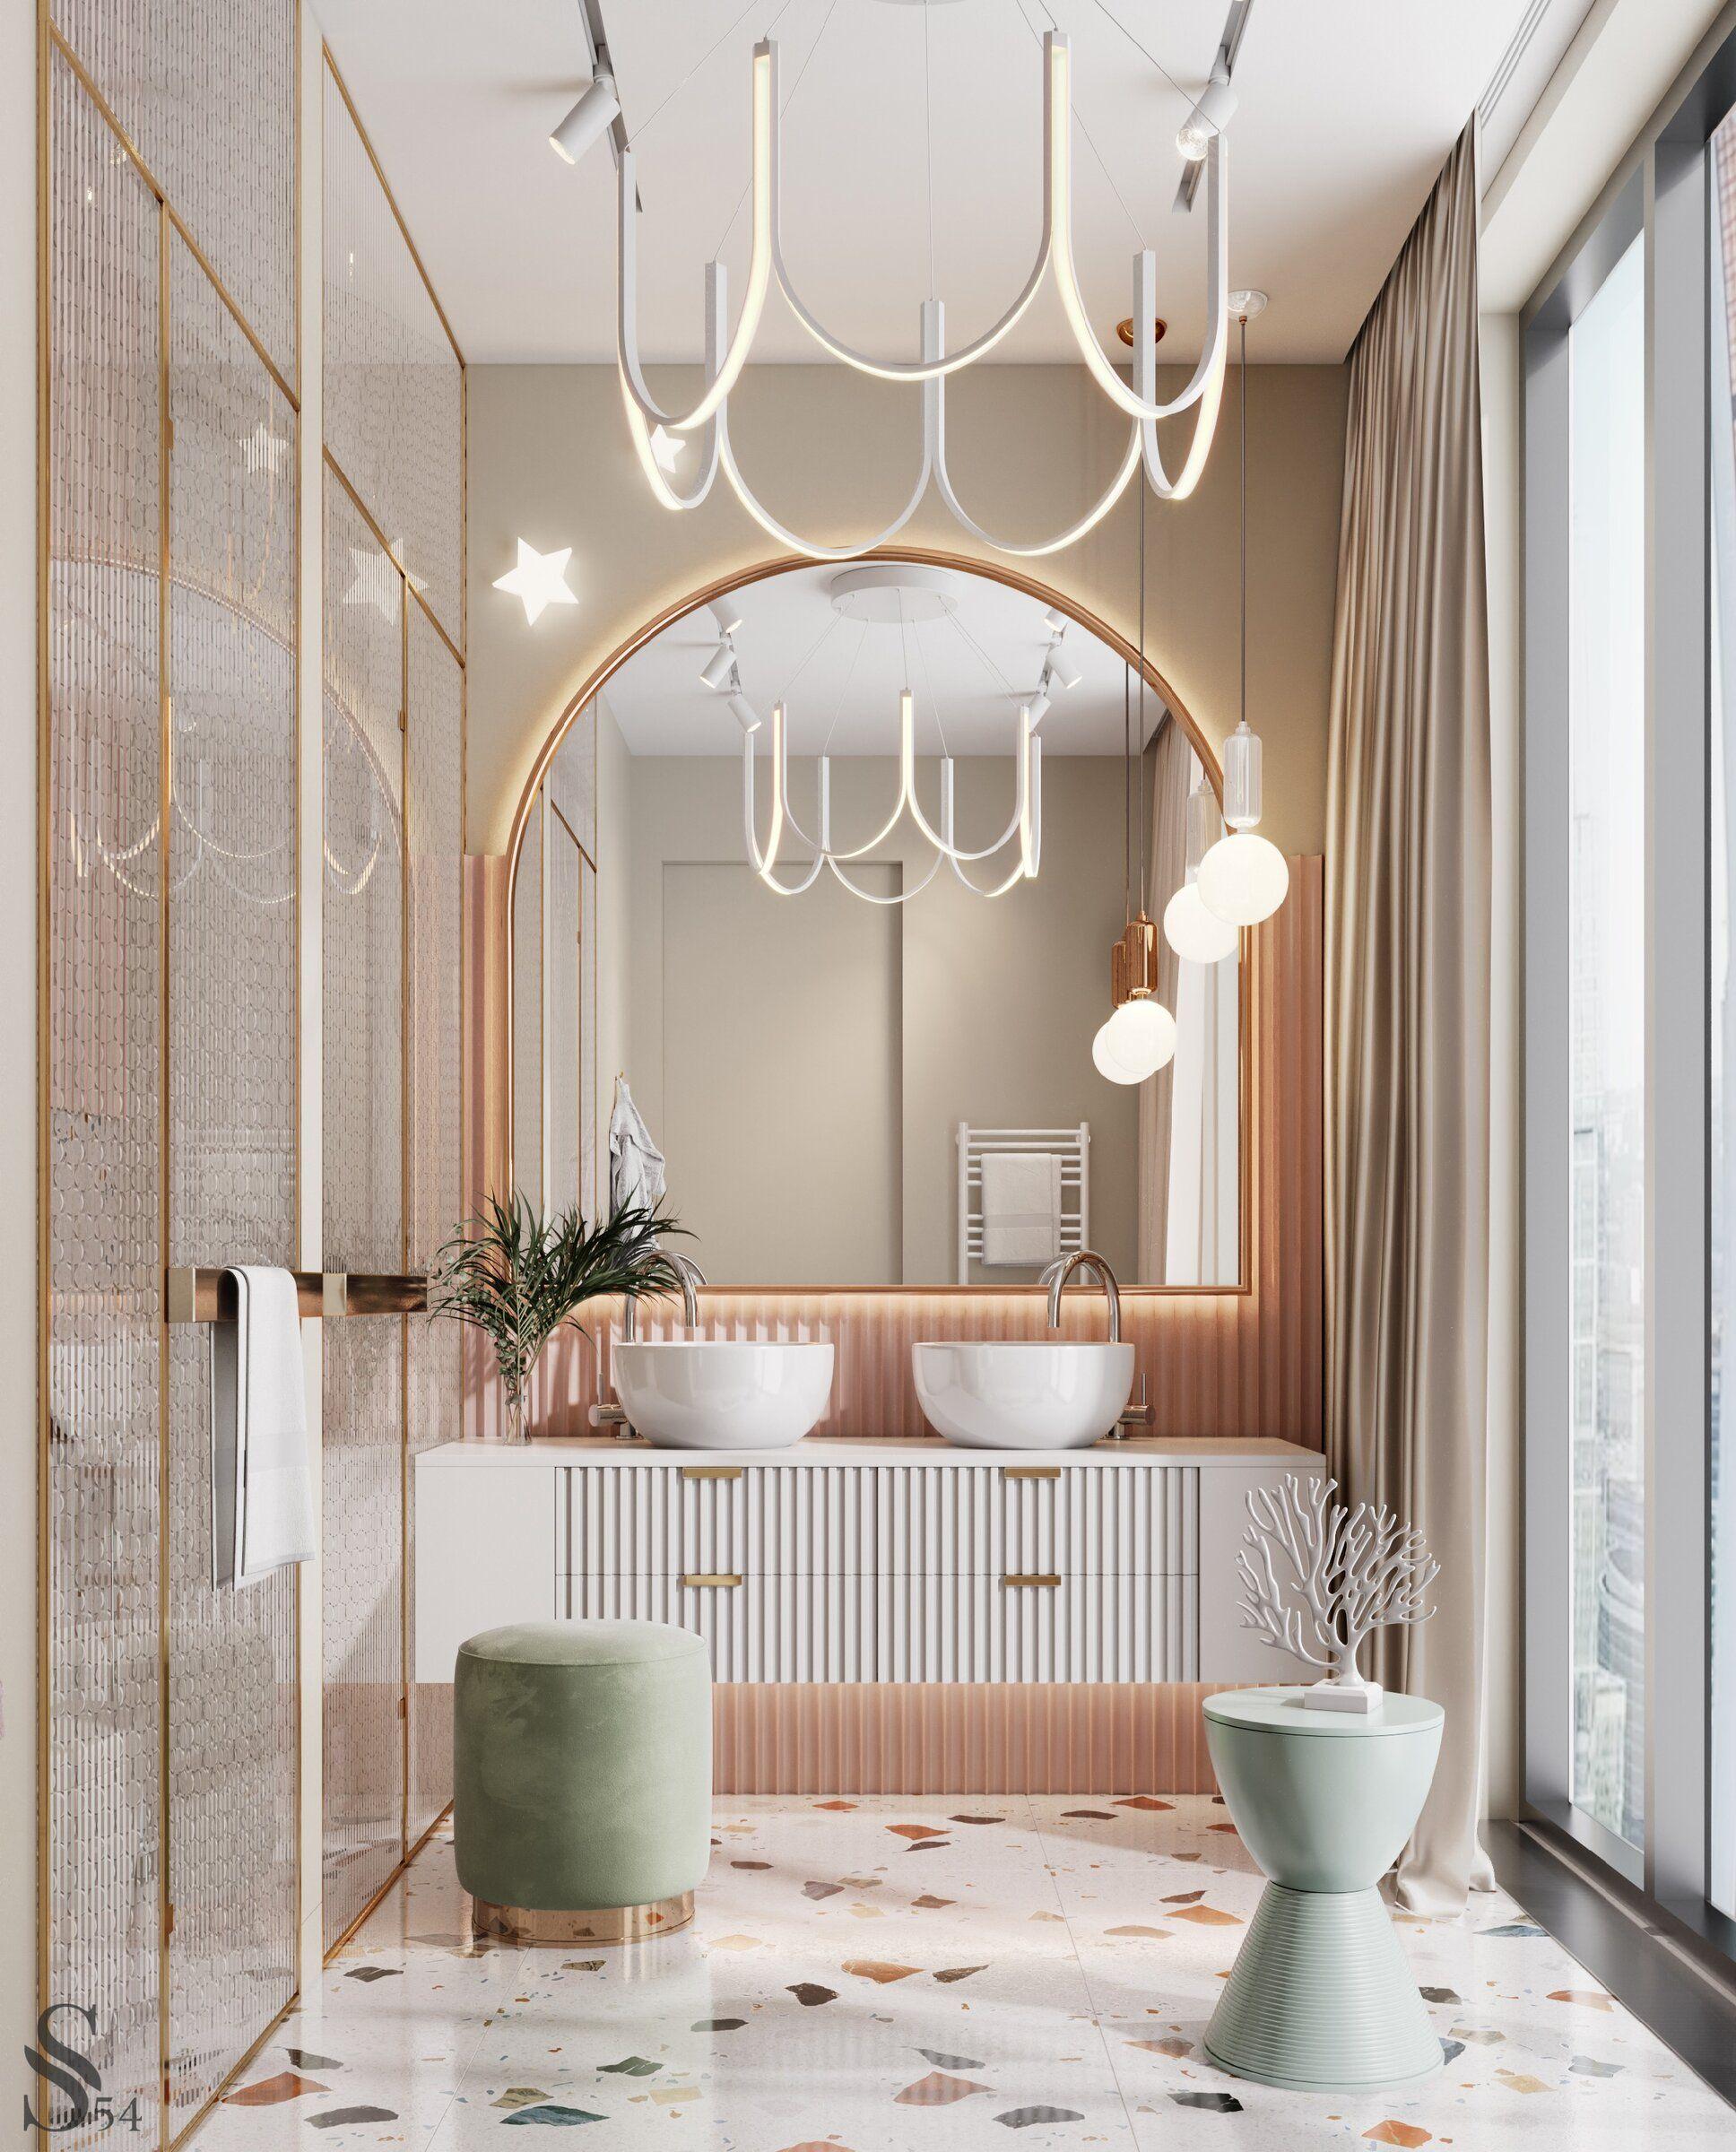 Правильное освещение - залог вашей красоты. Разные уровни света позволят вам быстрее собираться по утрам и расслабиться вечером. Практичность превыше всего. Вся мебель и сантехника должны быть гармонично и функционально расставлены. Читайте статью в нашем блоге. #studia54 #interiordesign #designideas #inspiration #art #decor #bathroom